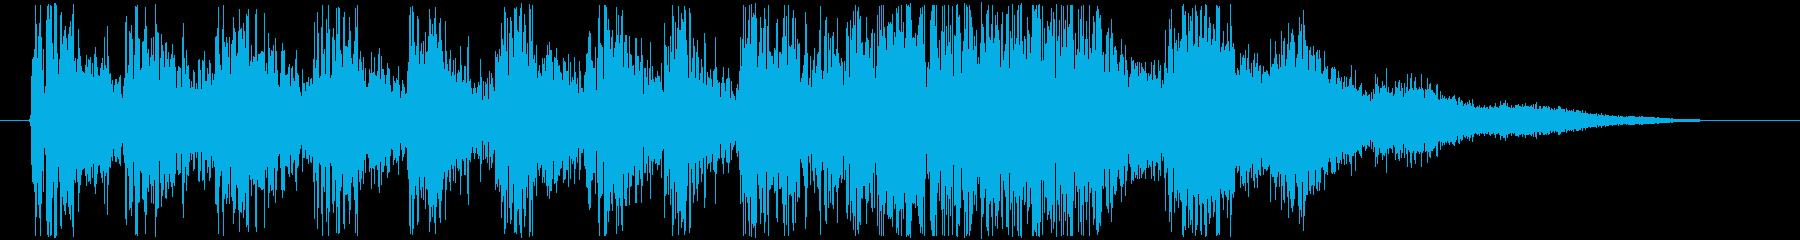 ドラゴンが飛び立つ時の効果音・SEの再生済みの波形